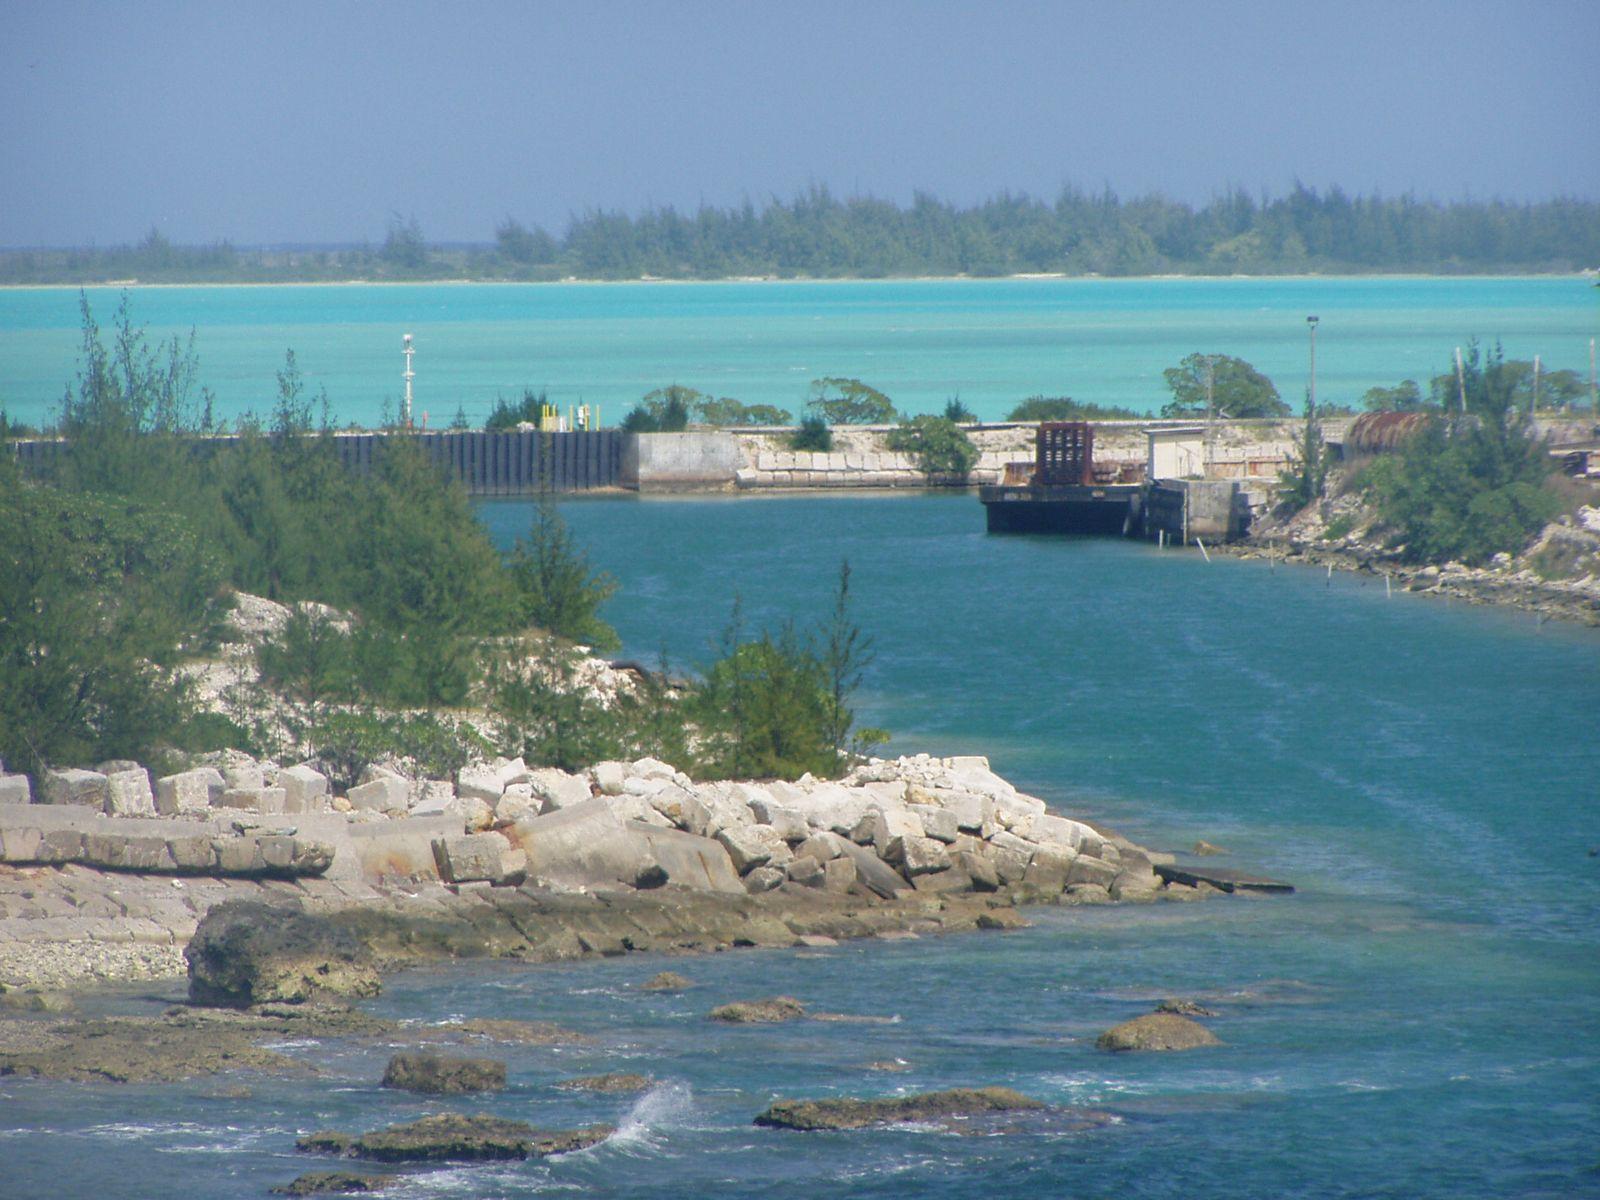 wake island Taf cor pwak 182240z 1822/2004 12012kt 9999 few020 qnh2990ins becmg 1900/1901 12009kt 9999 sct020 qnh2988ins tx31/1902z tn27/1916z.